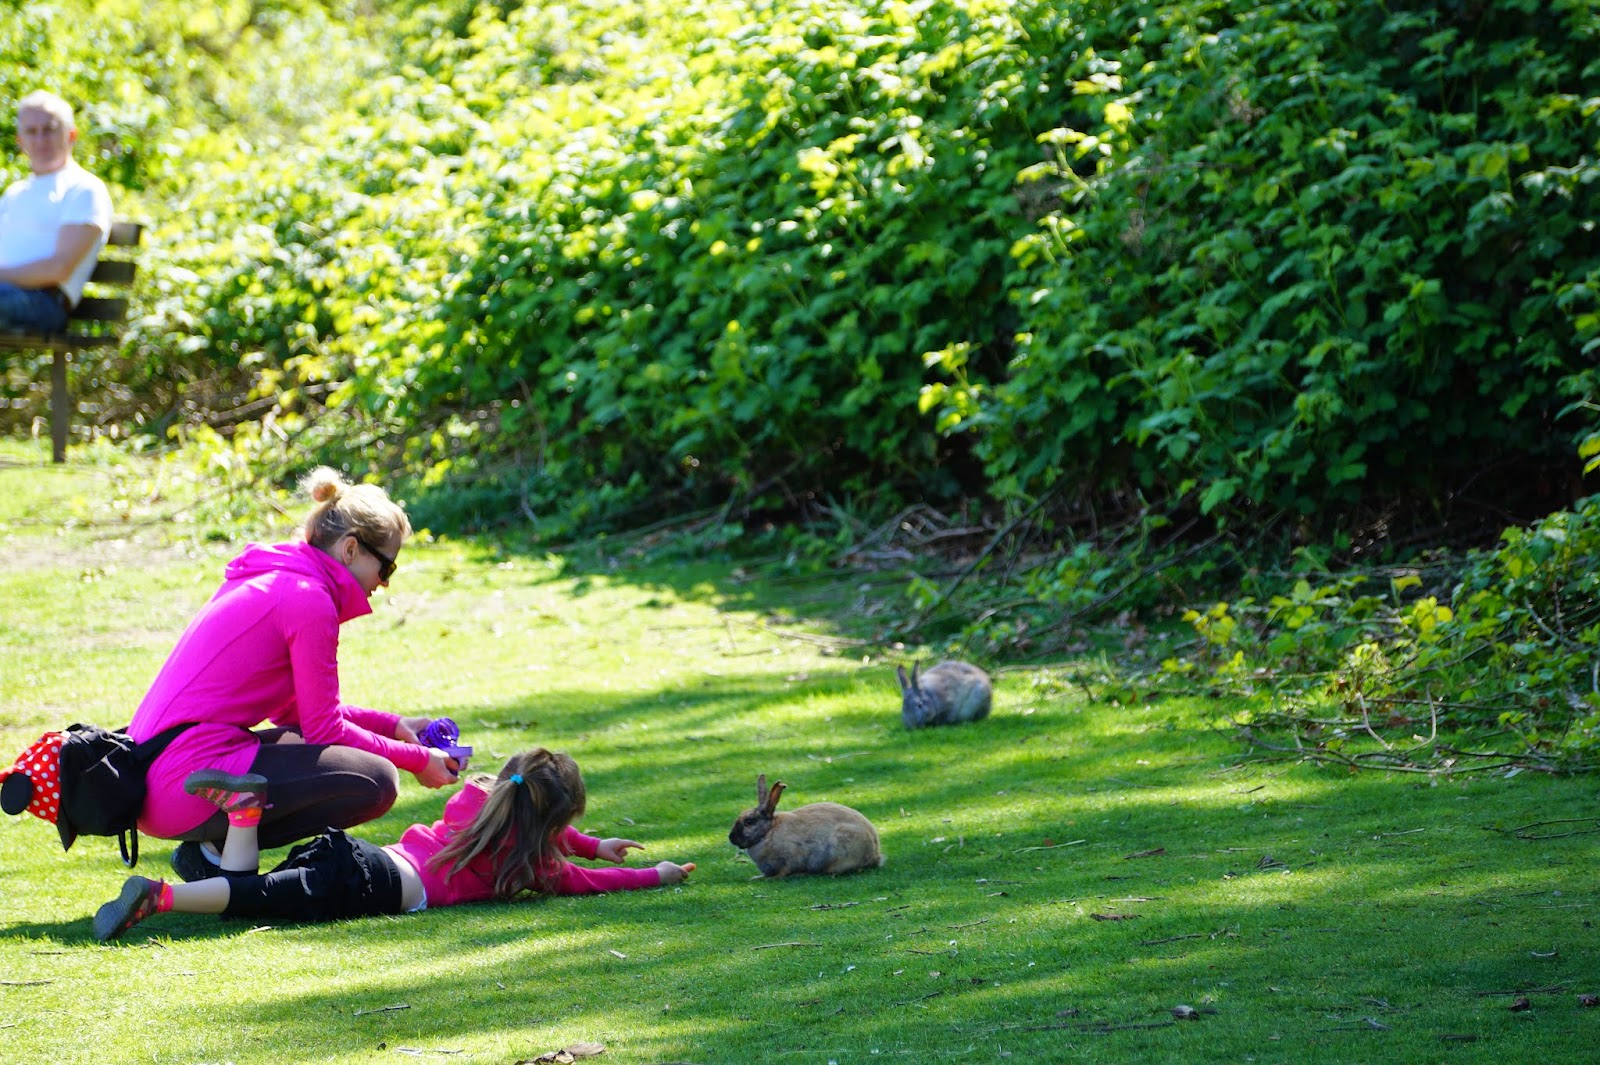 А еще в парке можно встретить кроликов, живущих в местных кустарниках.